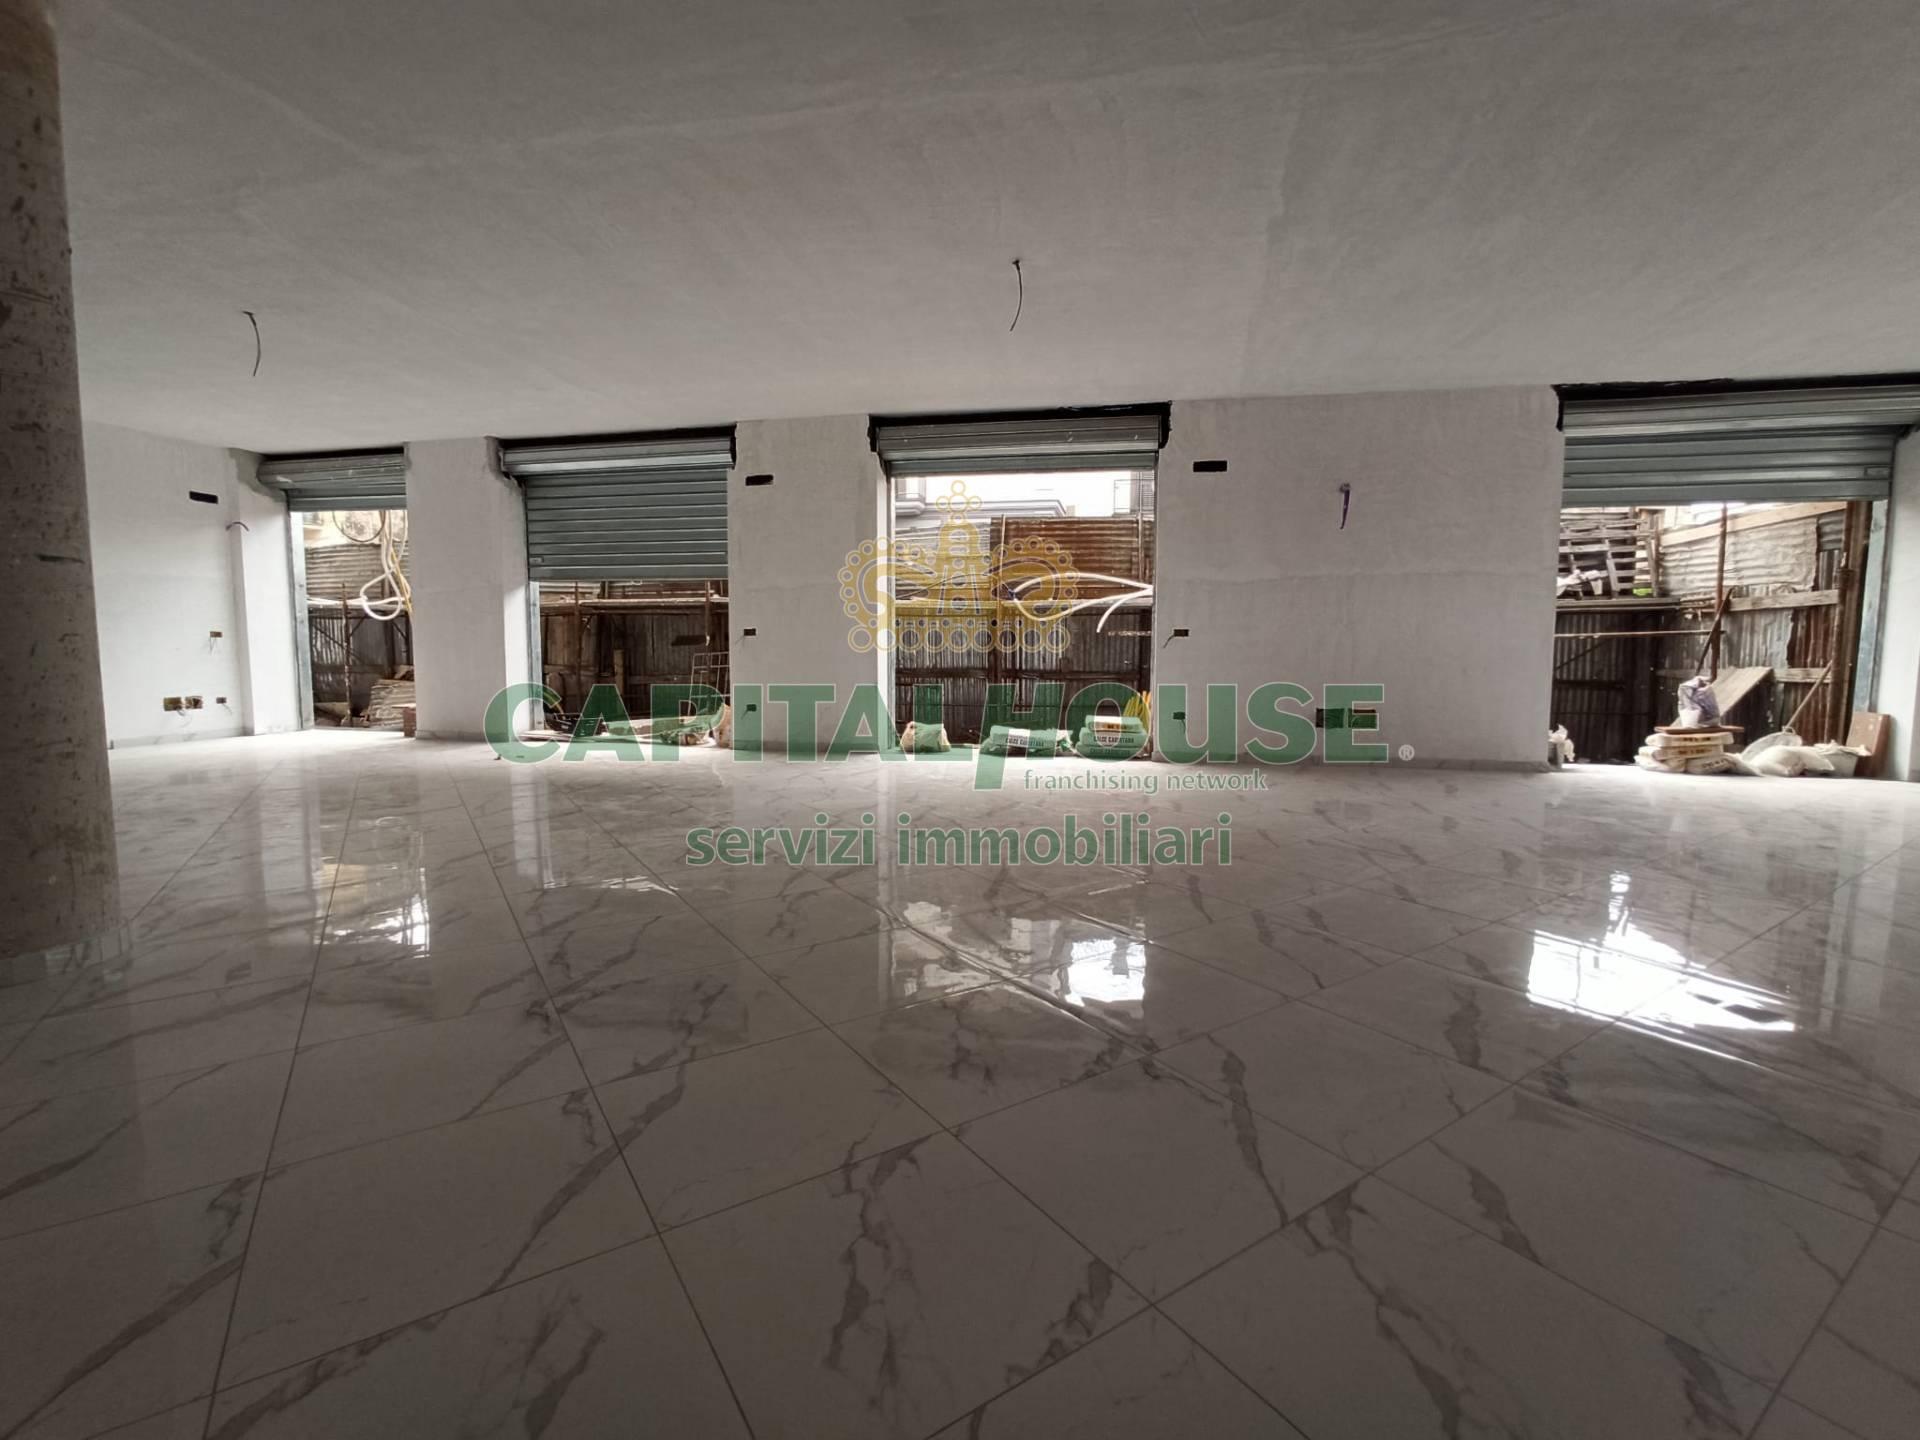 Attività / Licenza in affitto a San Gennaro Vesuviano, 9999 locali, prezzo € 1.500 | CambioCasa.it